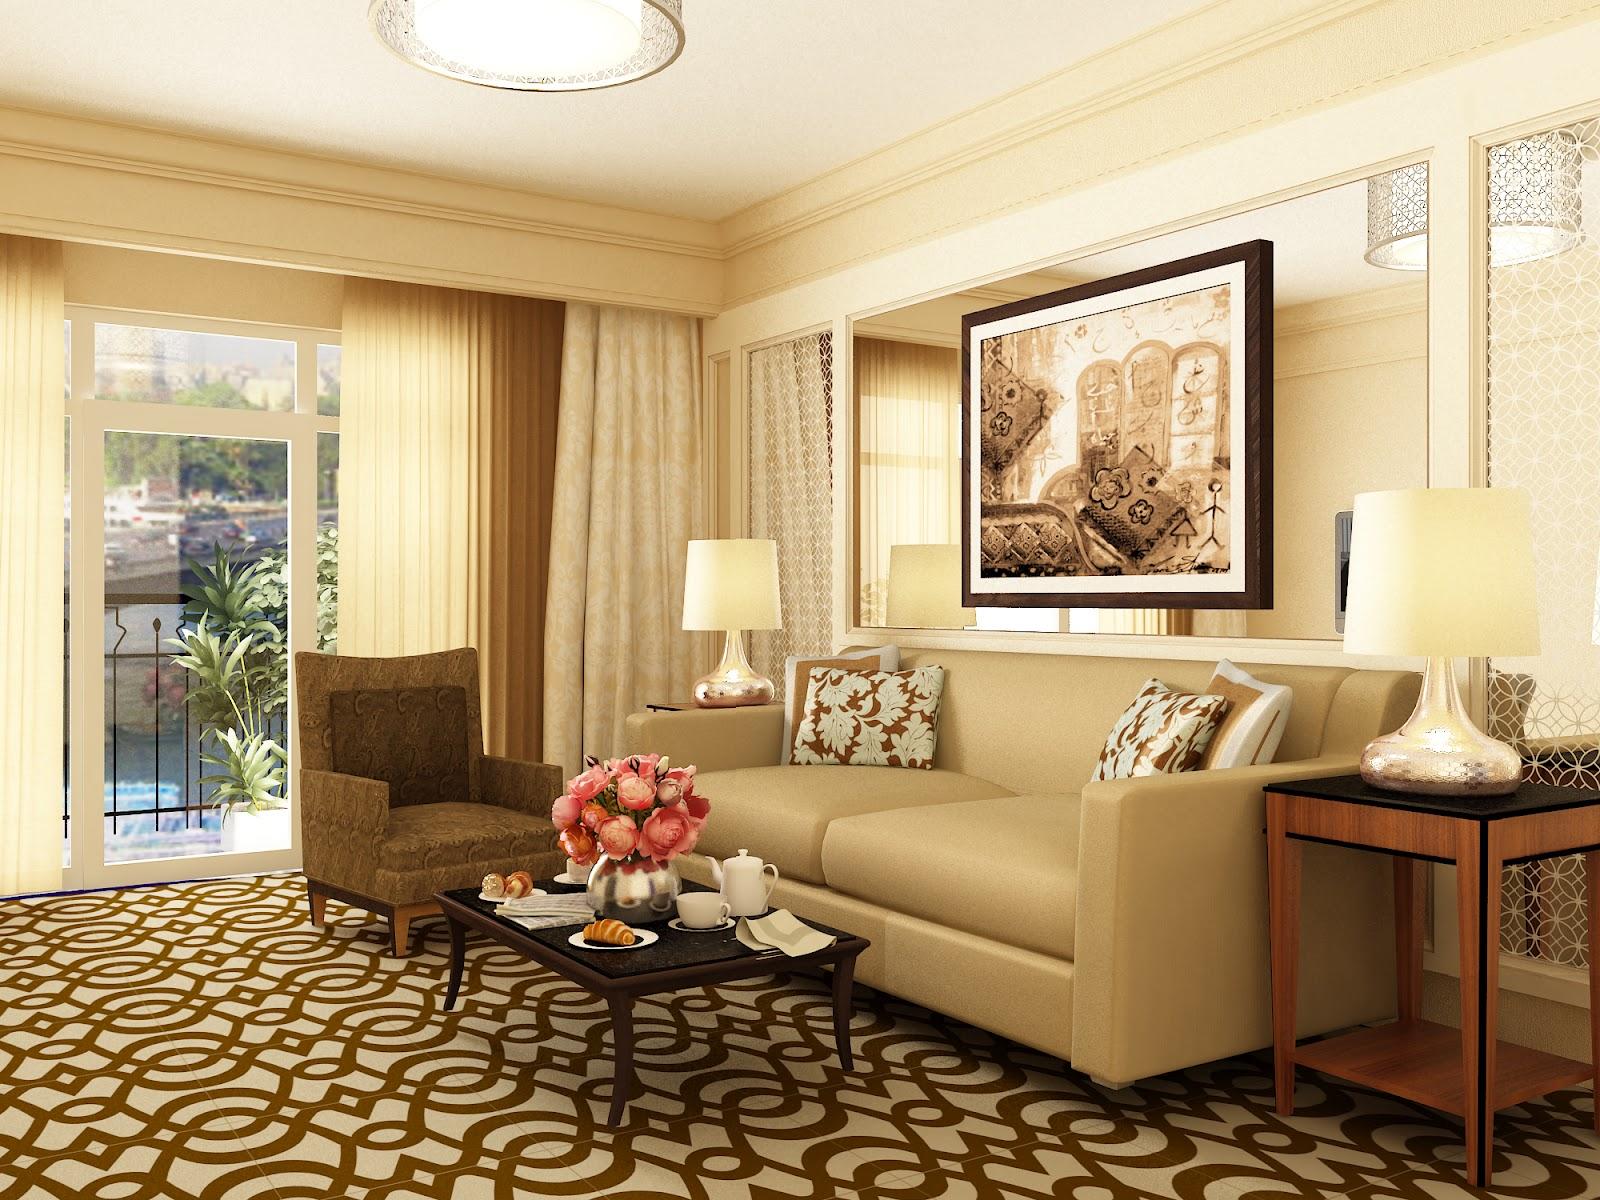 Interior Design & visual Art: Hotel suite room